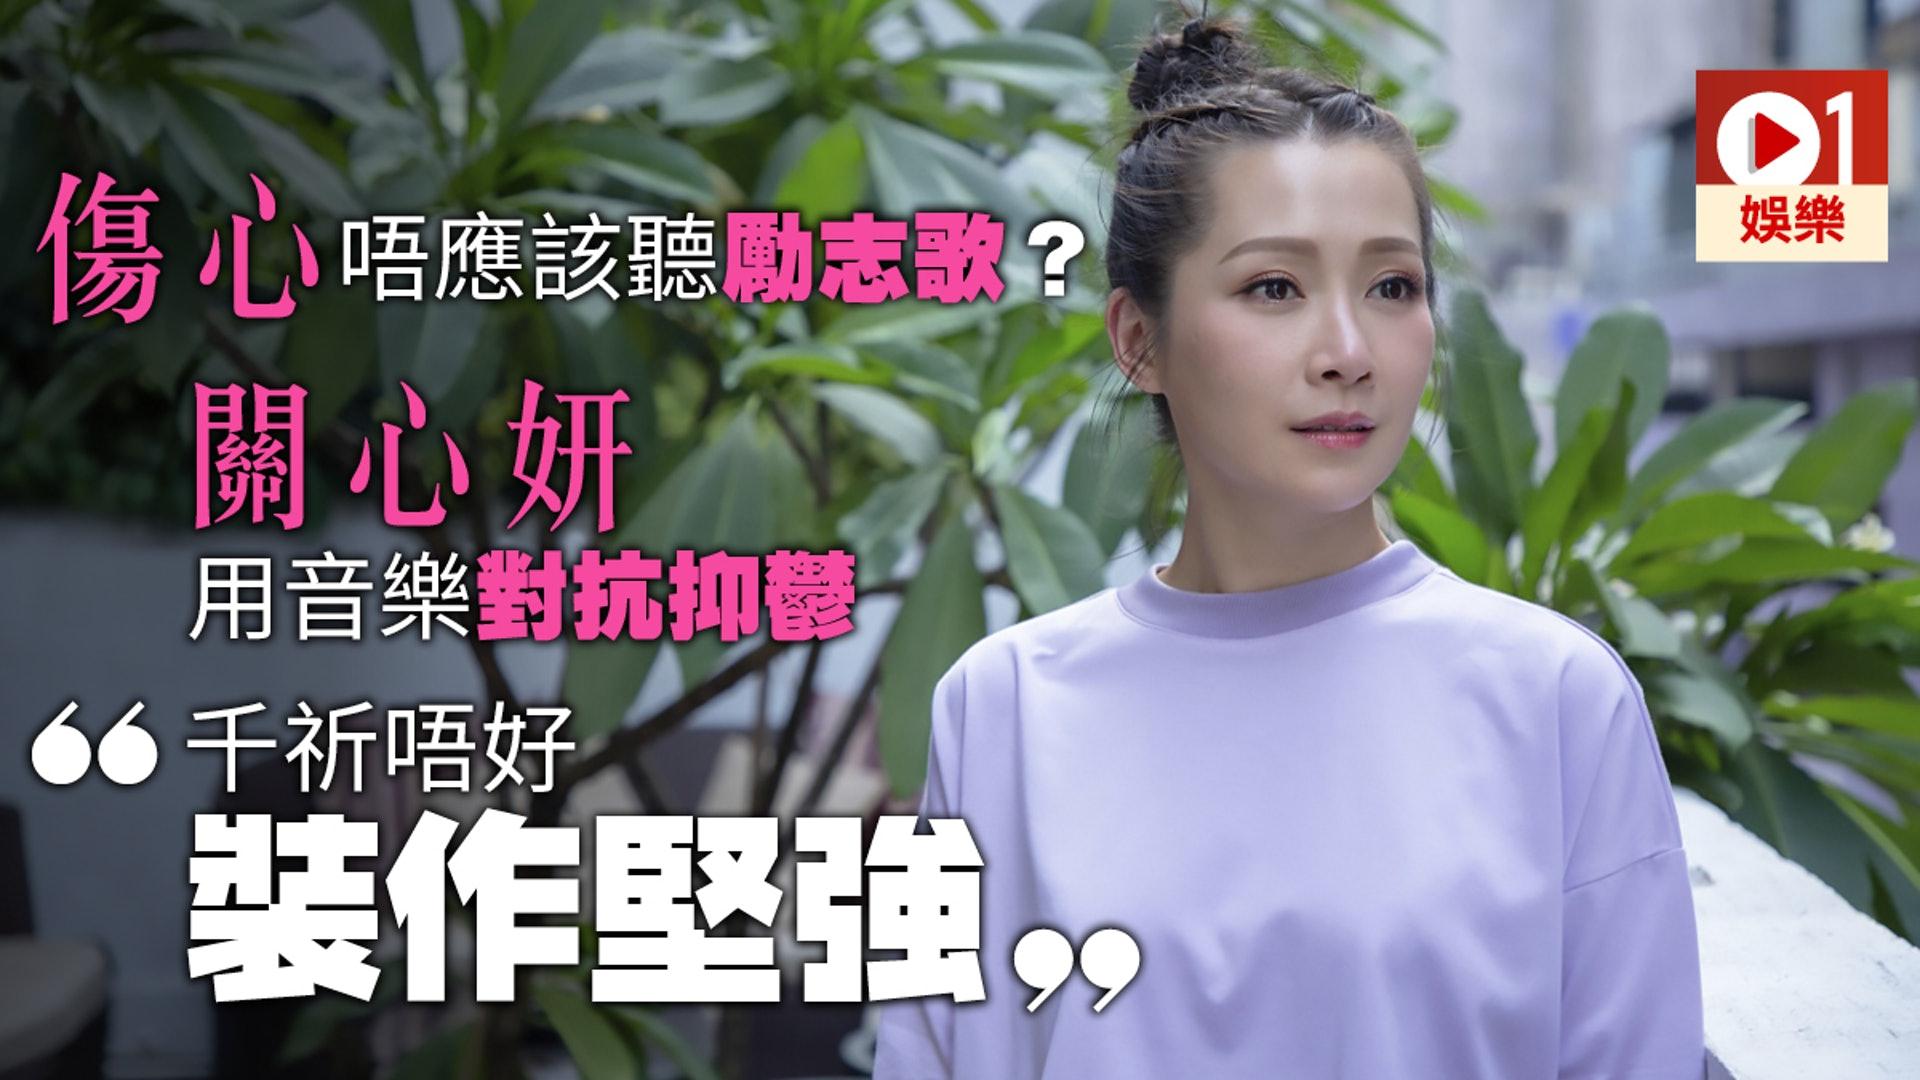 2018年9月4日 香港01 關心妍積極貢獻社會a